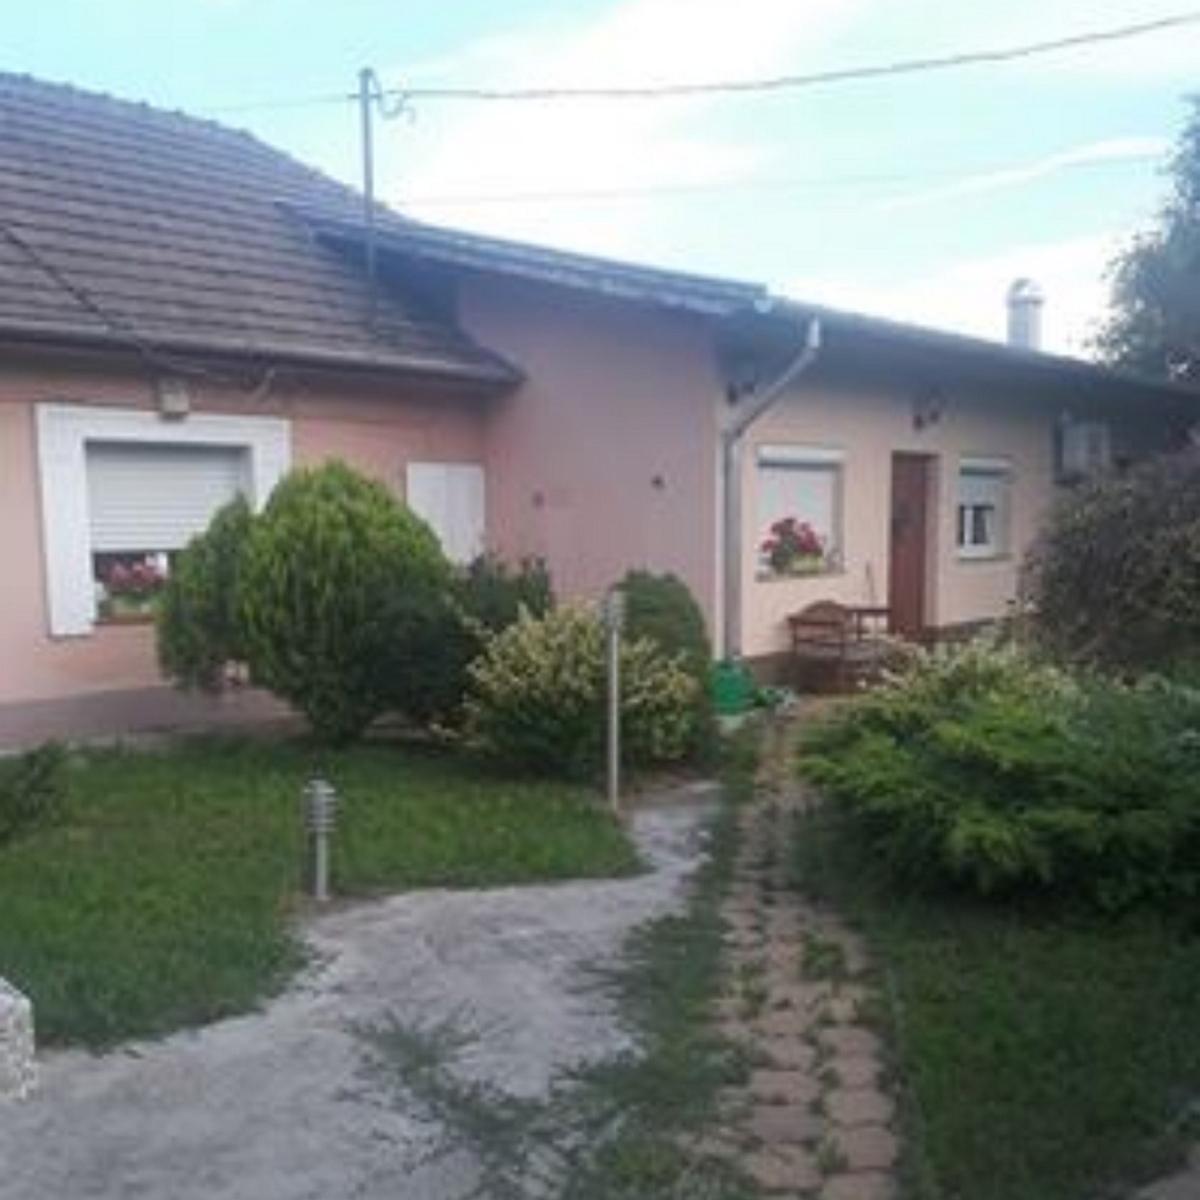 Eladó  családi ház (Budapest, XVIII. kerületBudapest, XVIII. kerület, Dózsa György u.) 36,5 M  Ft